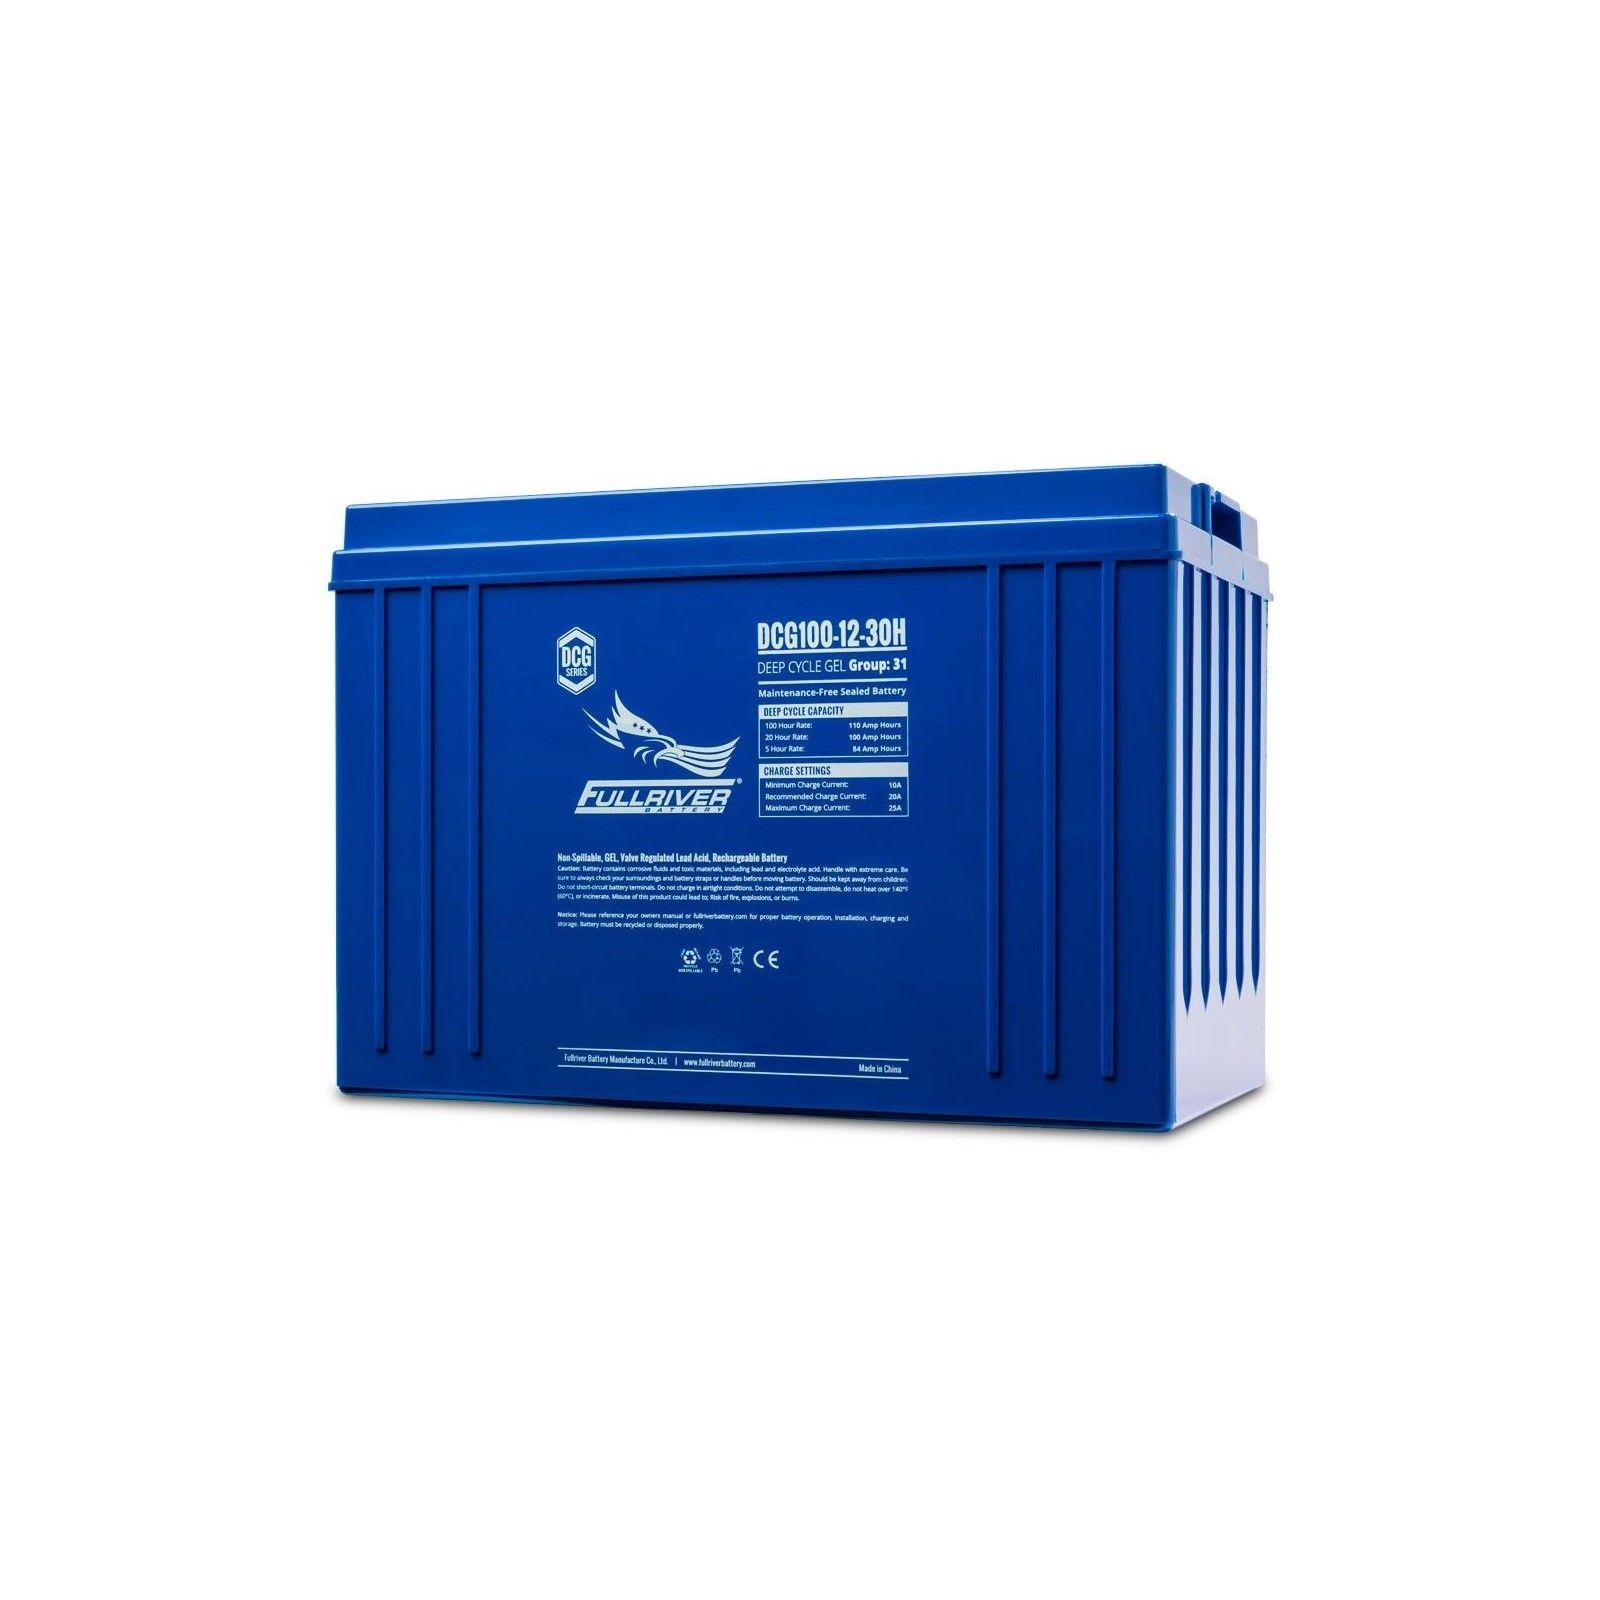 Batería Fullriver DCG100-12 100Ah 12V Dcg FULLRIVER - 1